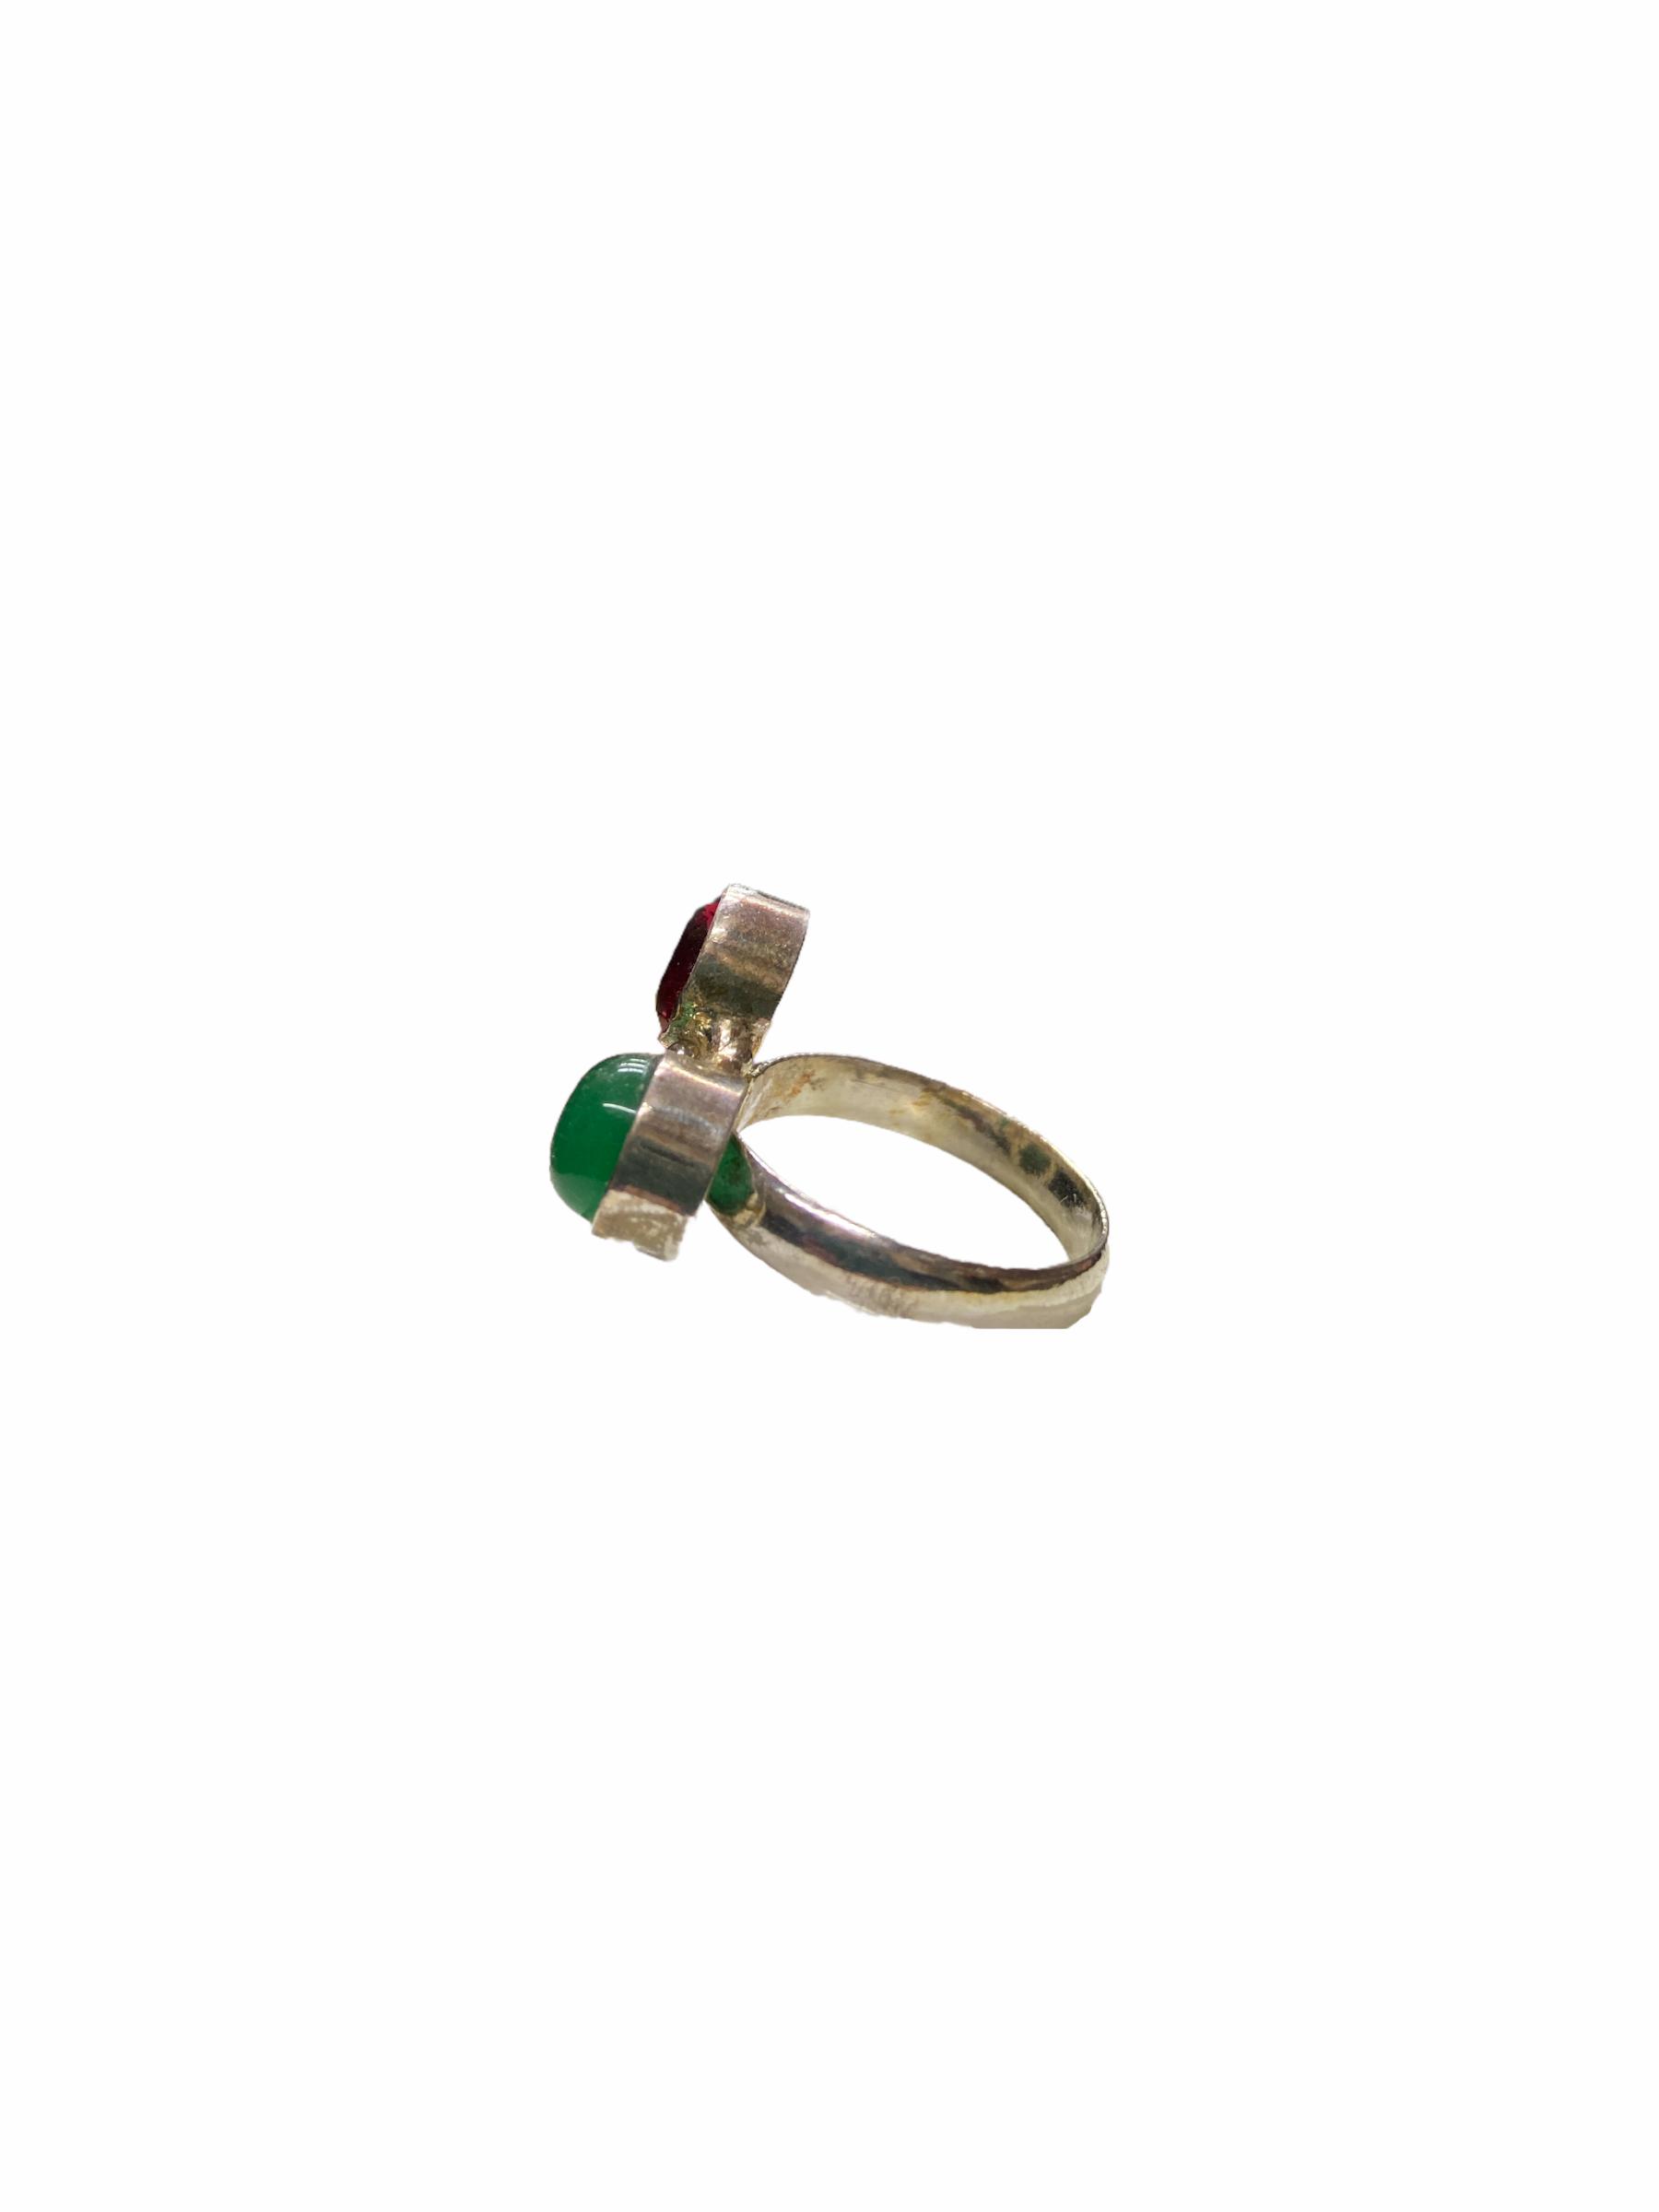 Δαχτυλίδι Χειροποίητο Με Κρύσταλλο-Νεφρίτη-Τιρκουάζ Σε Χρώμα Ασημί